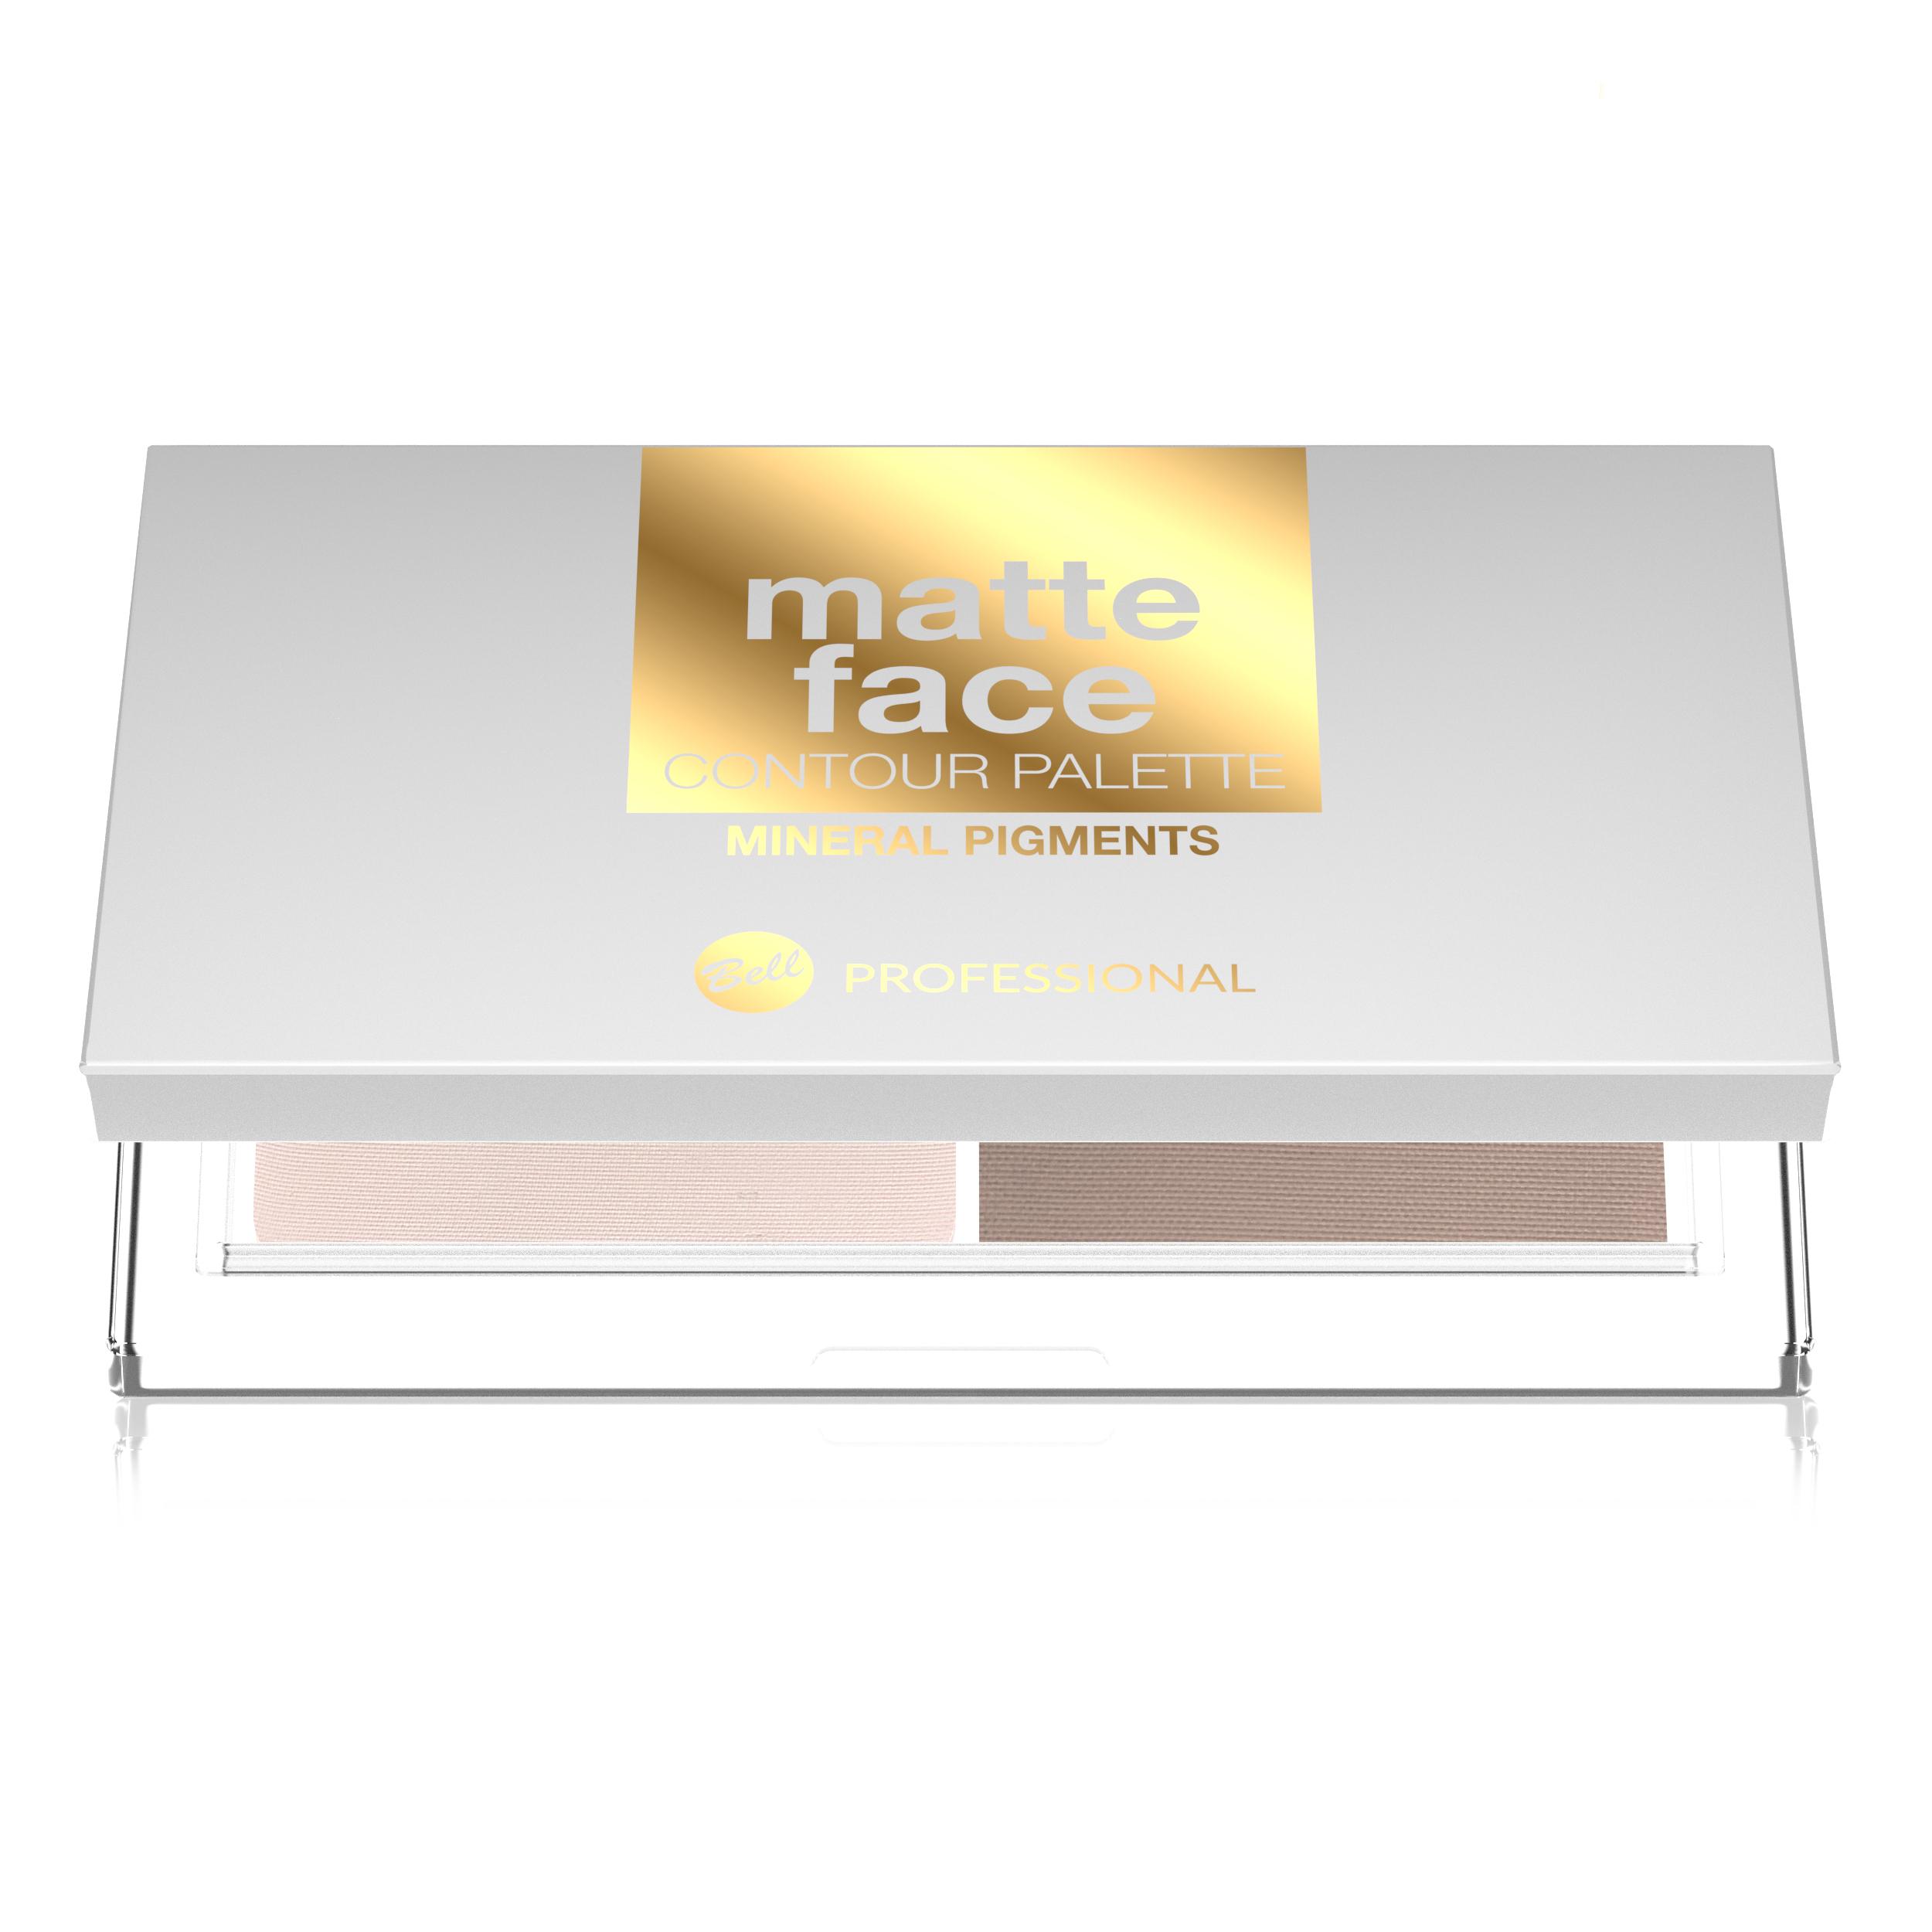 Professional Matte Face Contour Palette